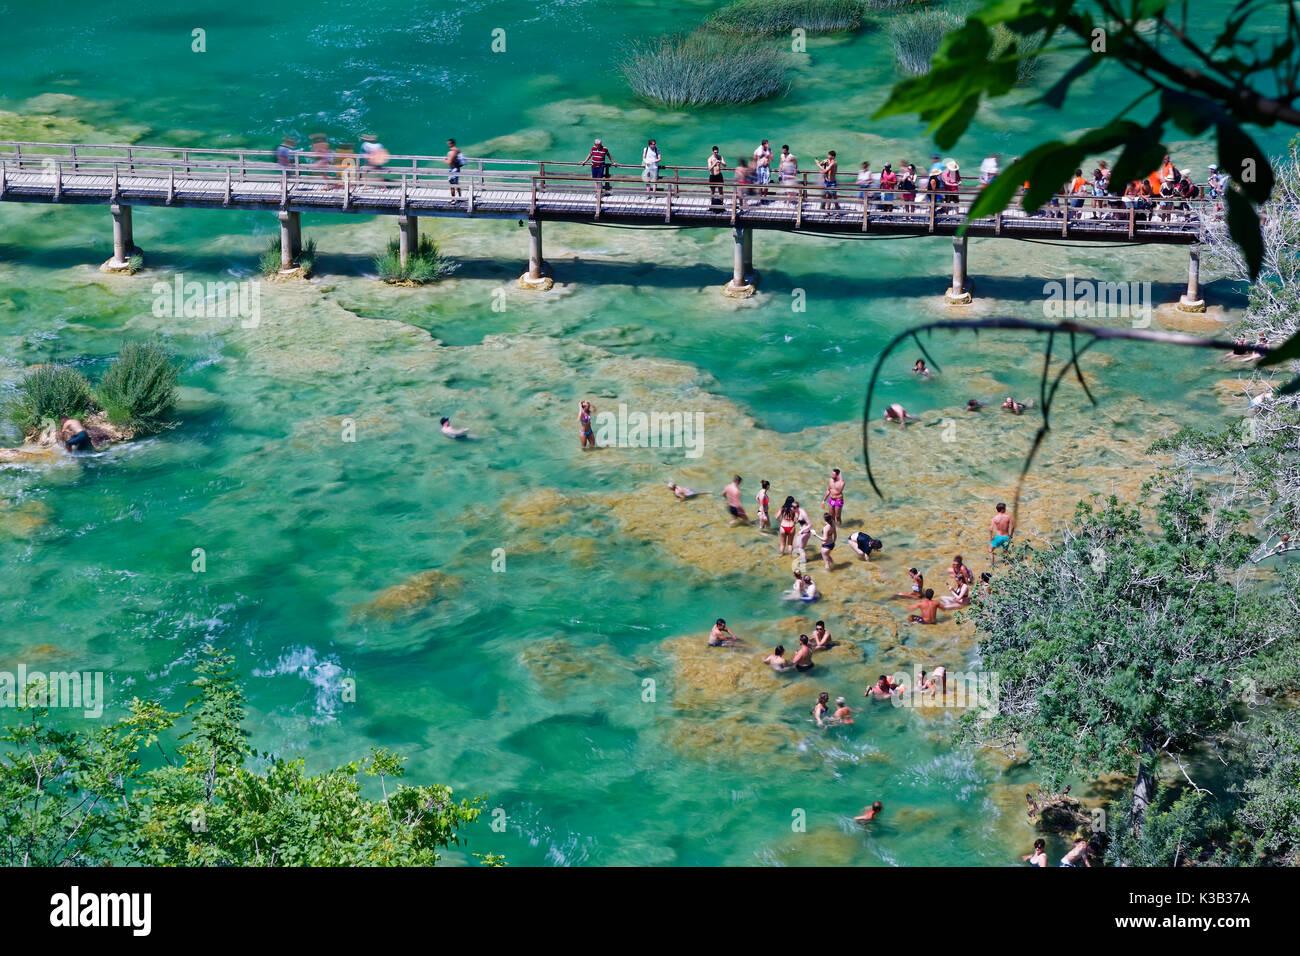 I turisti si bagnano alla cascata smotorcycleinski buk, parco nazionale di Krka, sibenik-knin, DALMAZIA, CROAZIA Immagini Stock